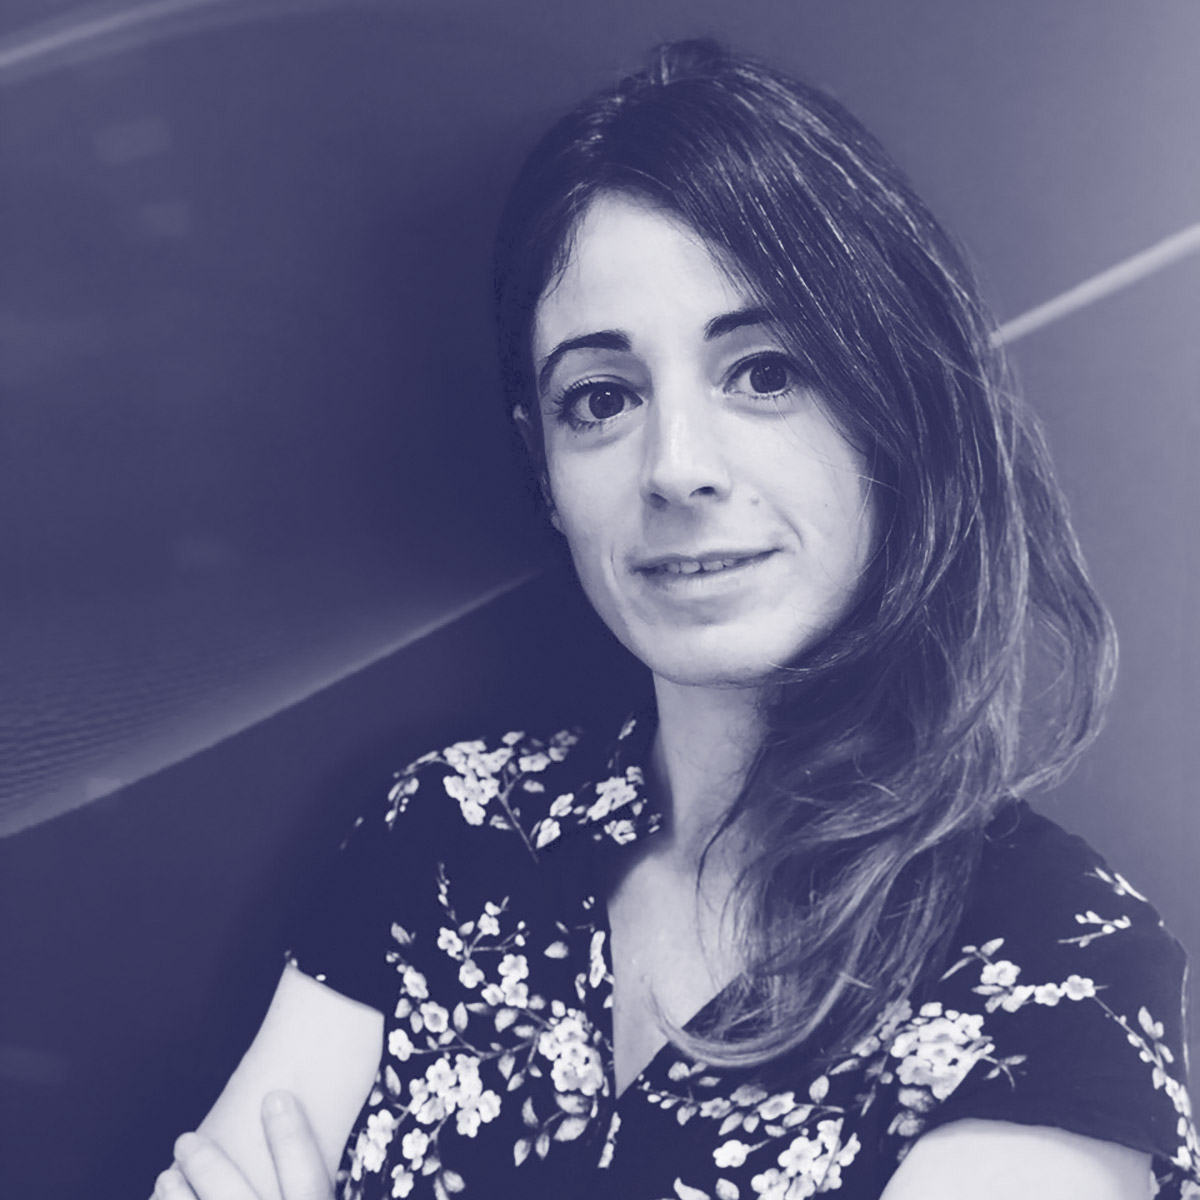 Giulia Chiari Aliexpress Alibaba Group